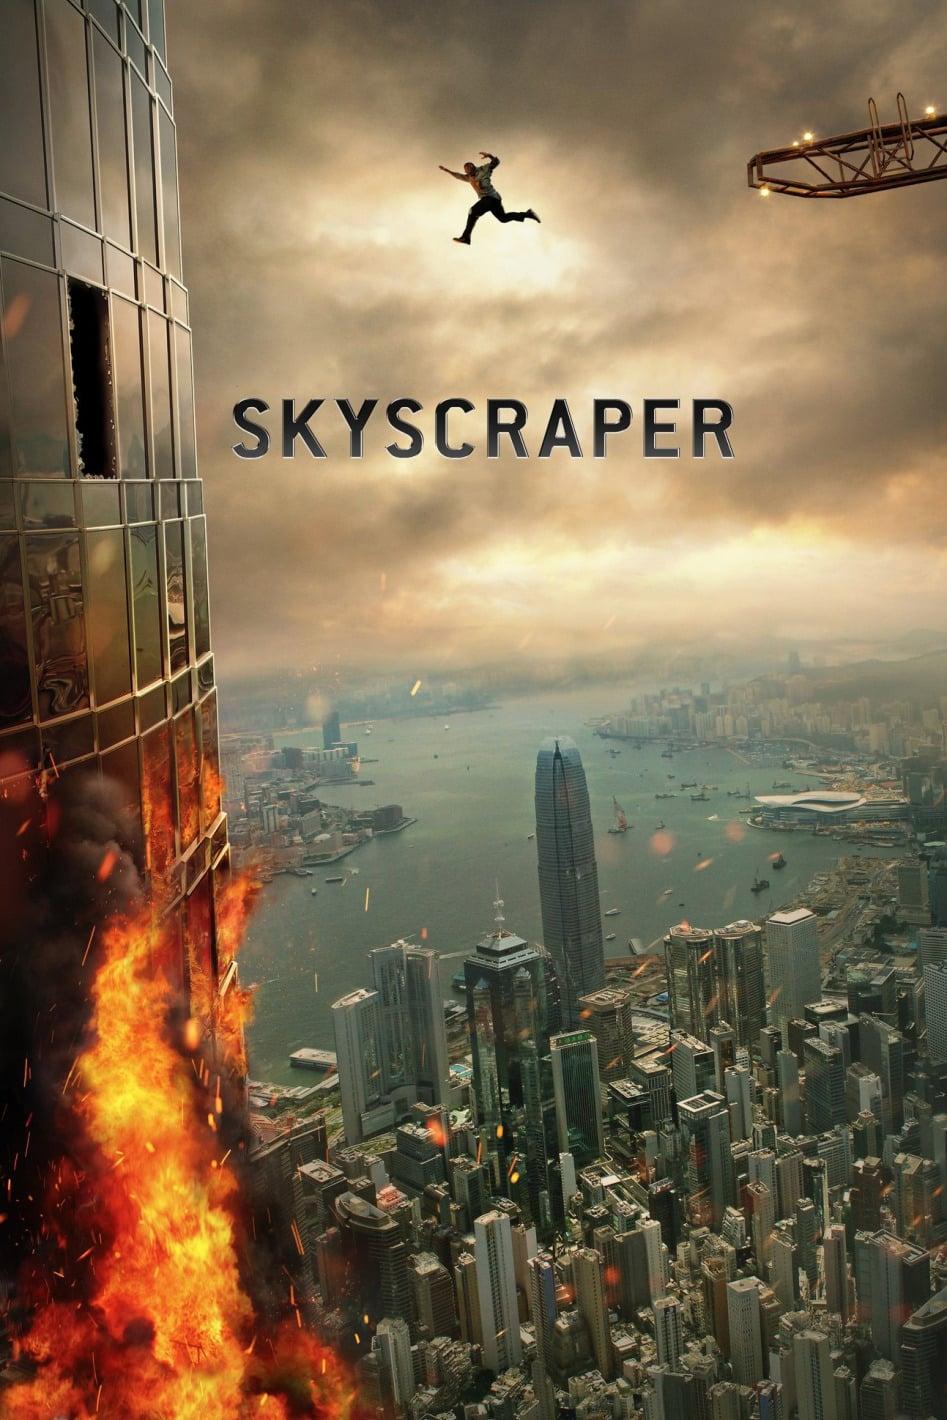 El rascacielos (Skyscraper)